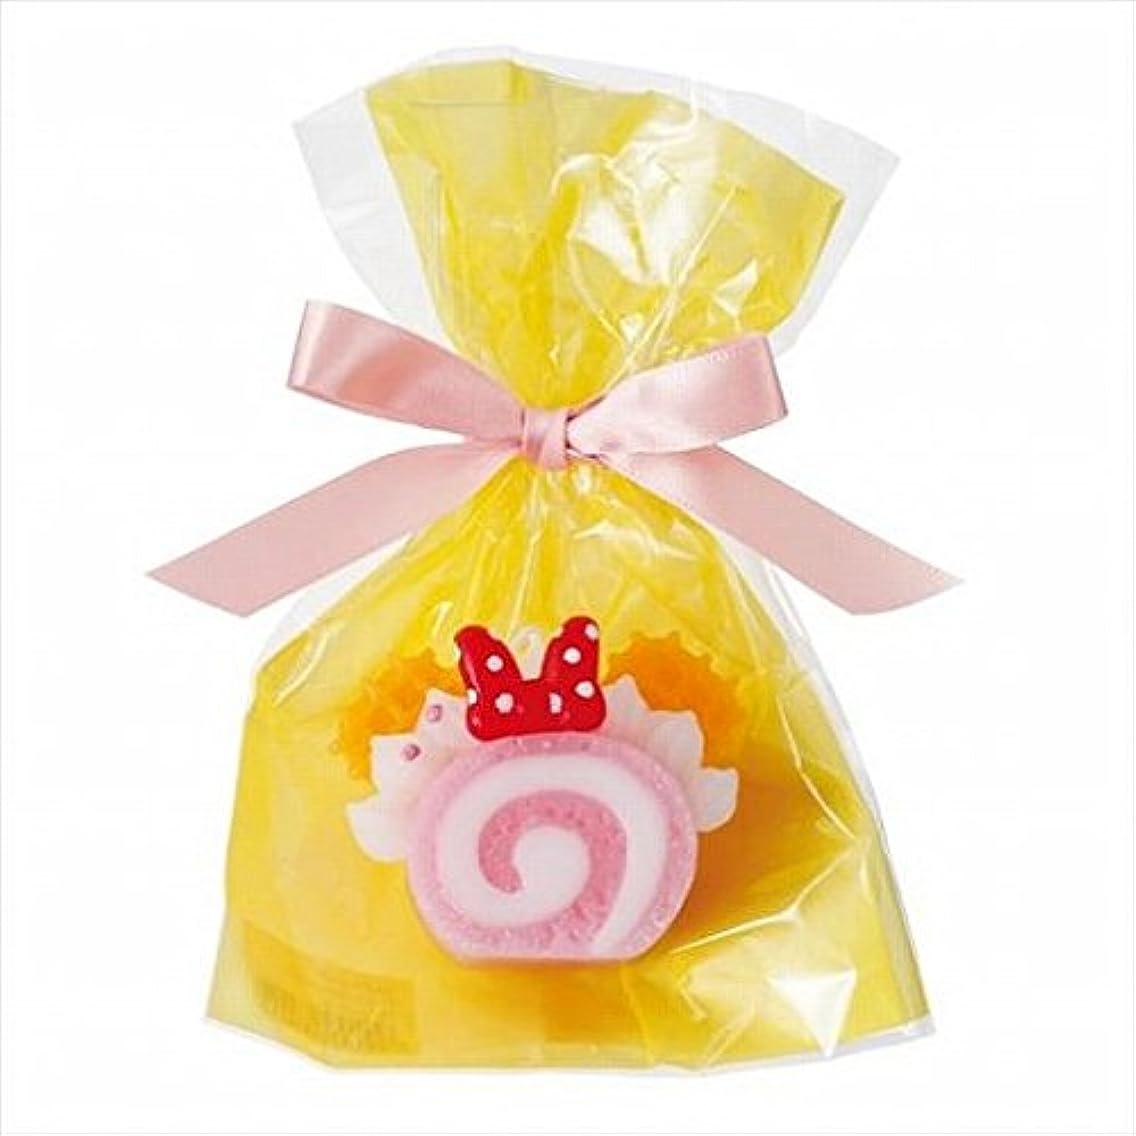 サリーメーター恋人sweets candle(スイーツキャンドル) ディズニースイーツキャンドル 「 ピンクロールケーキ 」 キャンドル 55x30x44mm (A4350030)